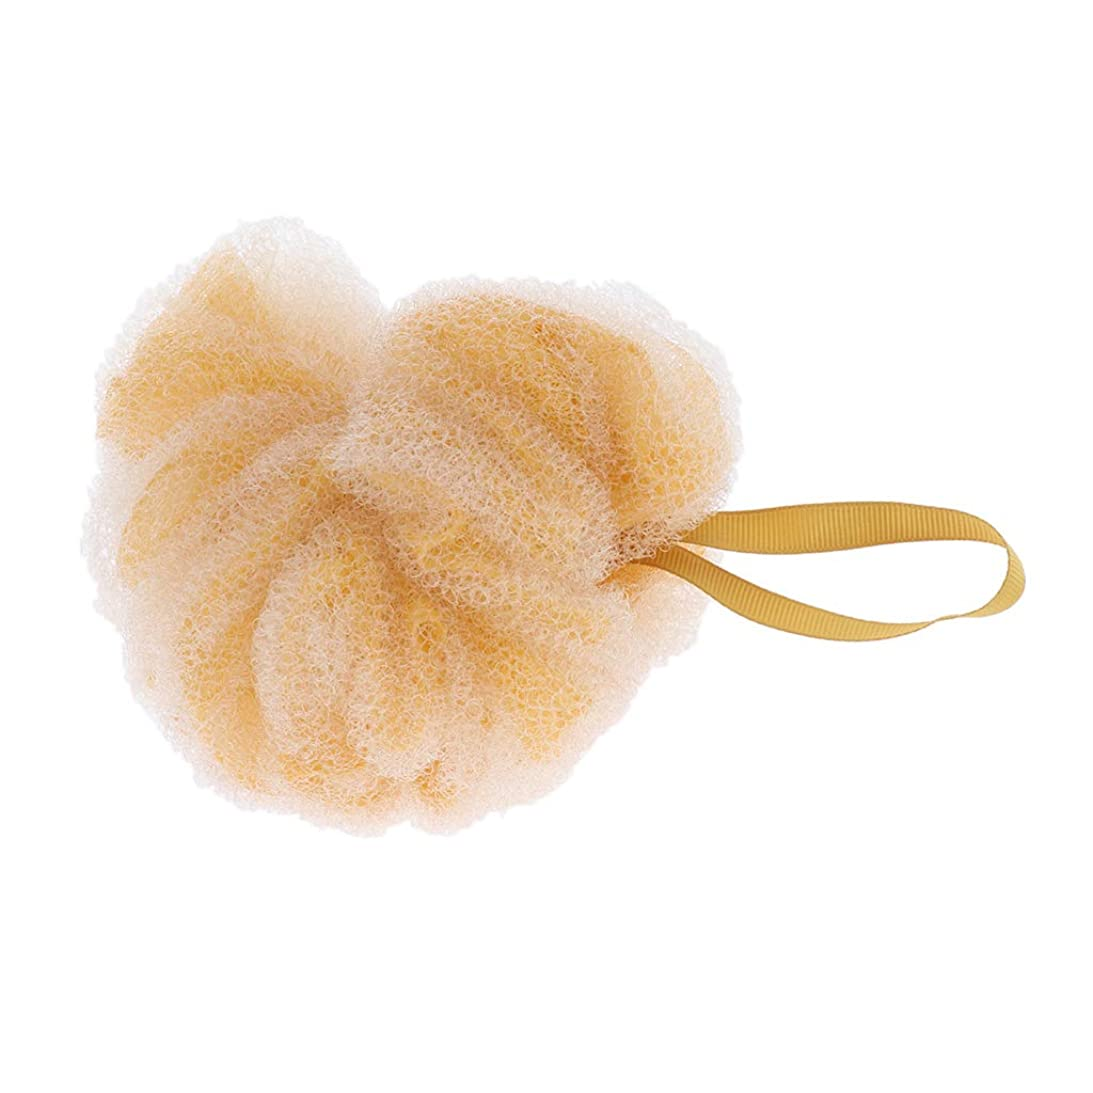 恒久的契約する涙浴用スポンジ バススポンジ ボディウォッシュボール シャワーパフ 角質除去 贈り物 全3色 - 黄